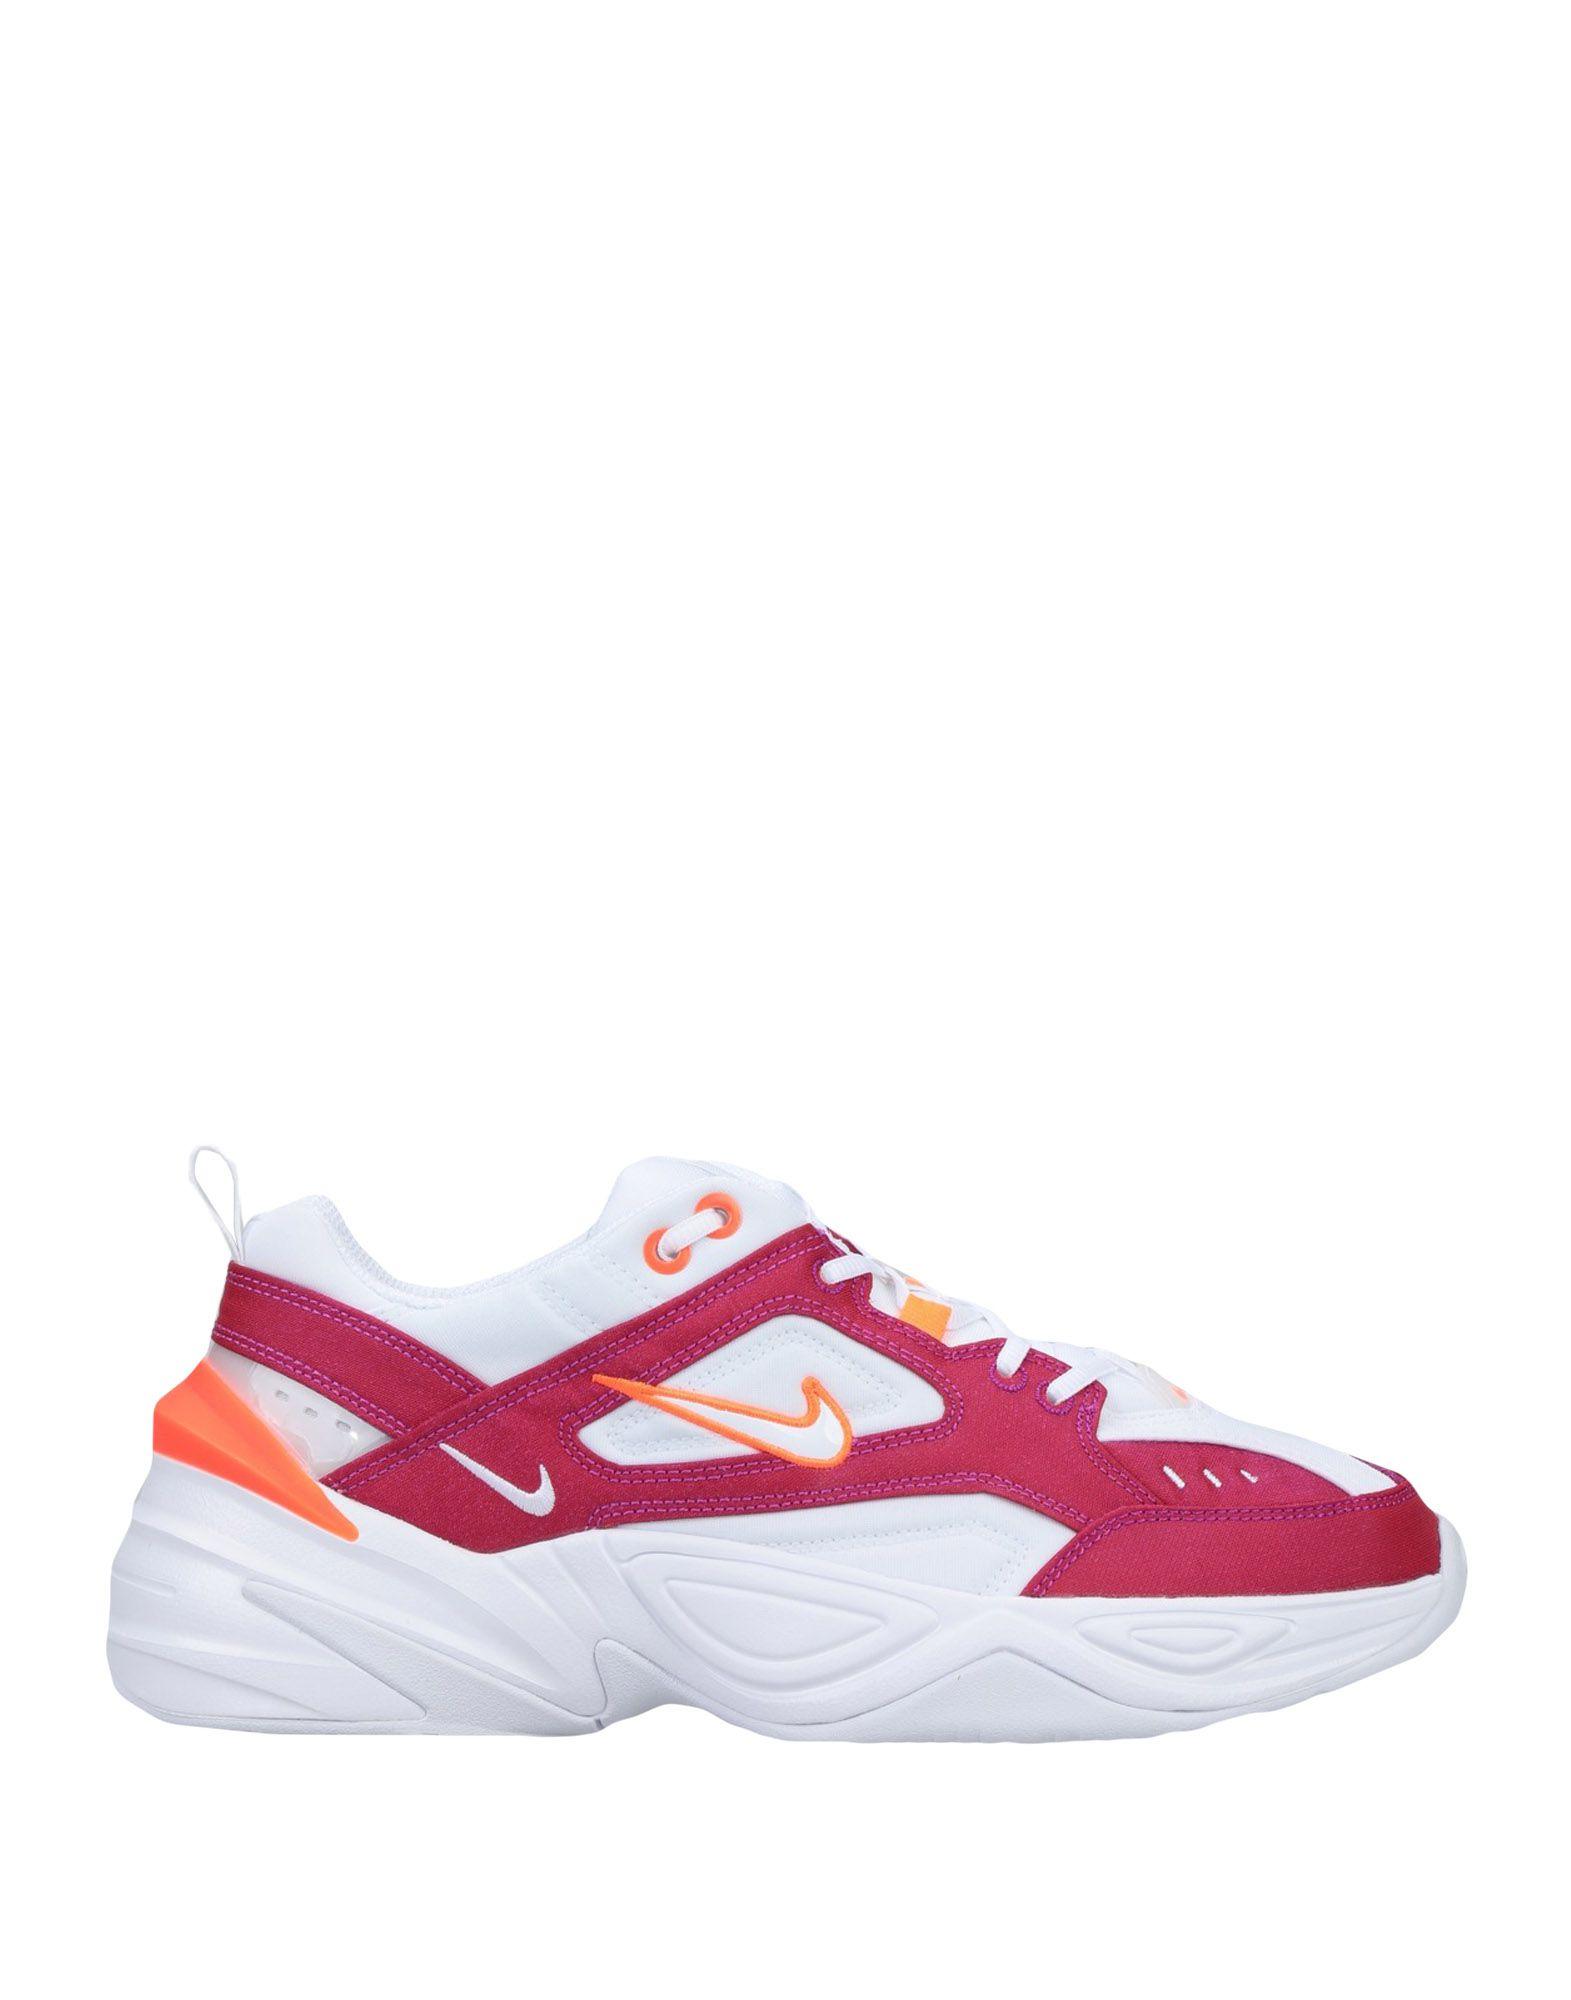 ba8de3e5 Zapatos para mujer online, zapatos de marca y a la moda para Colección  Primavera-Verano y Otoño-Invierno